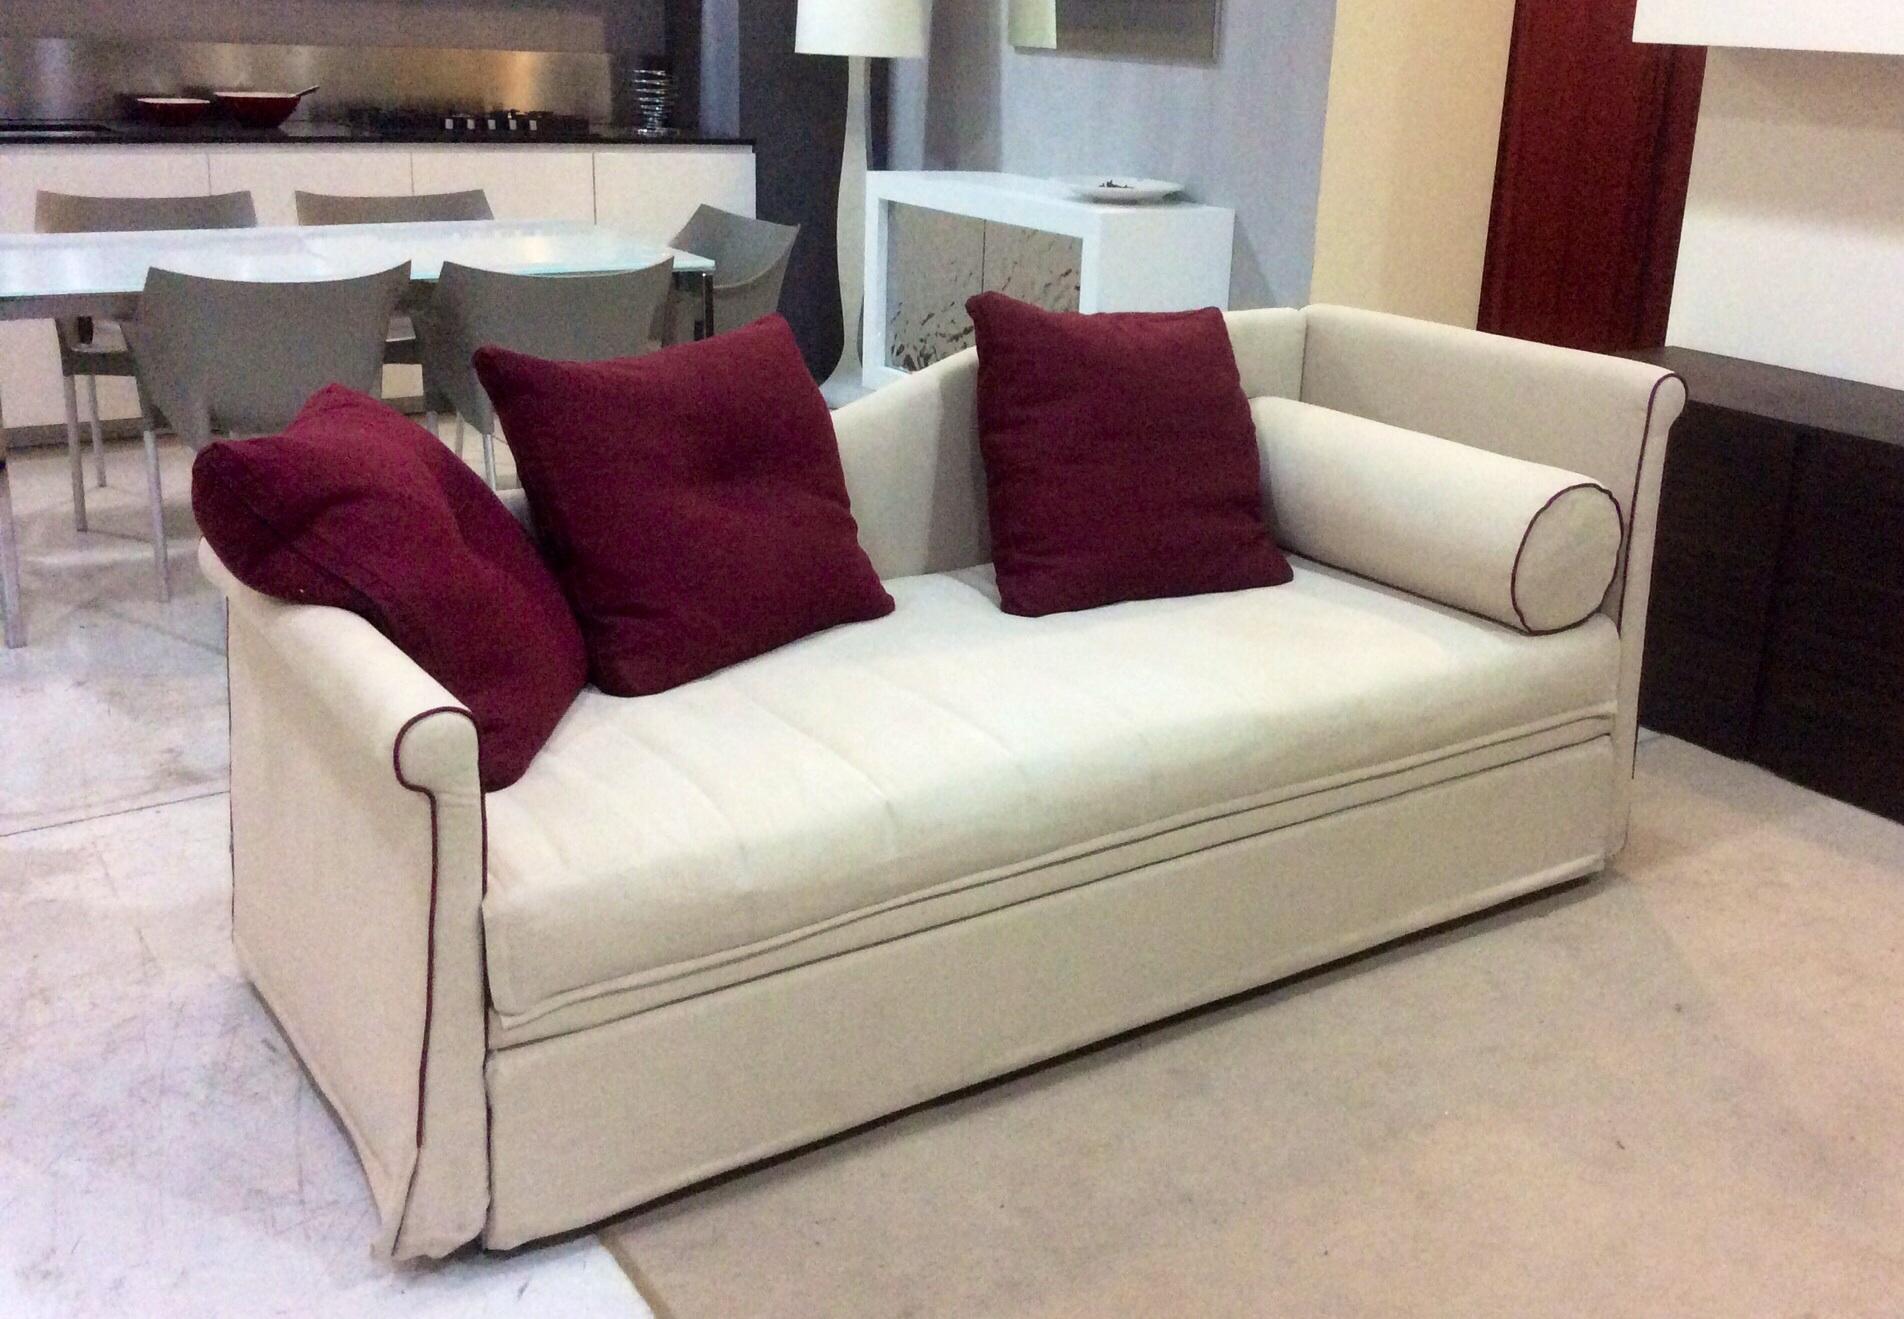 Divano fox italia teo divano letto tessuto divani a - Divano letto in tessuto ...